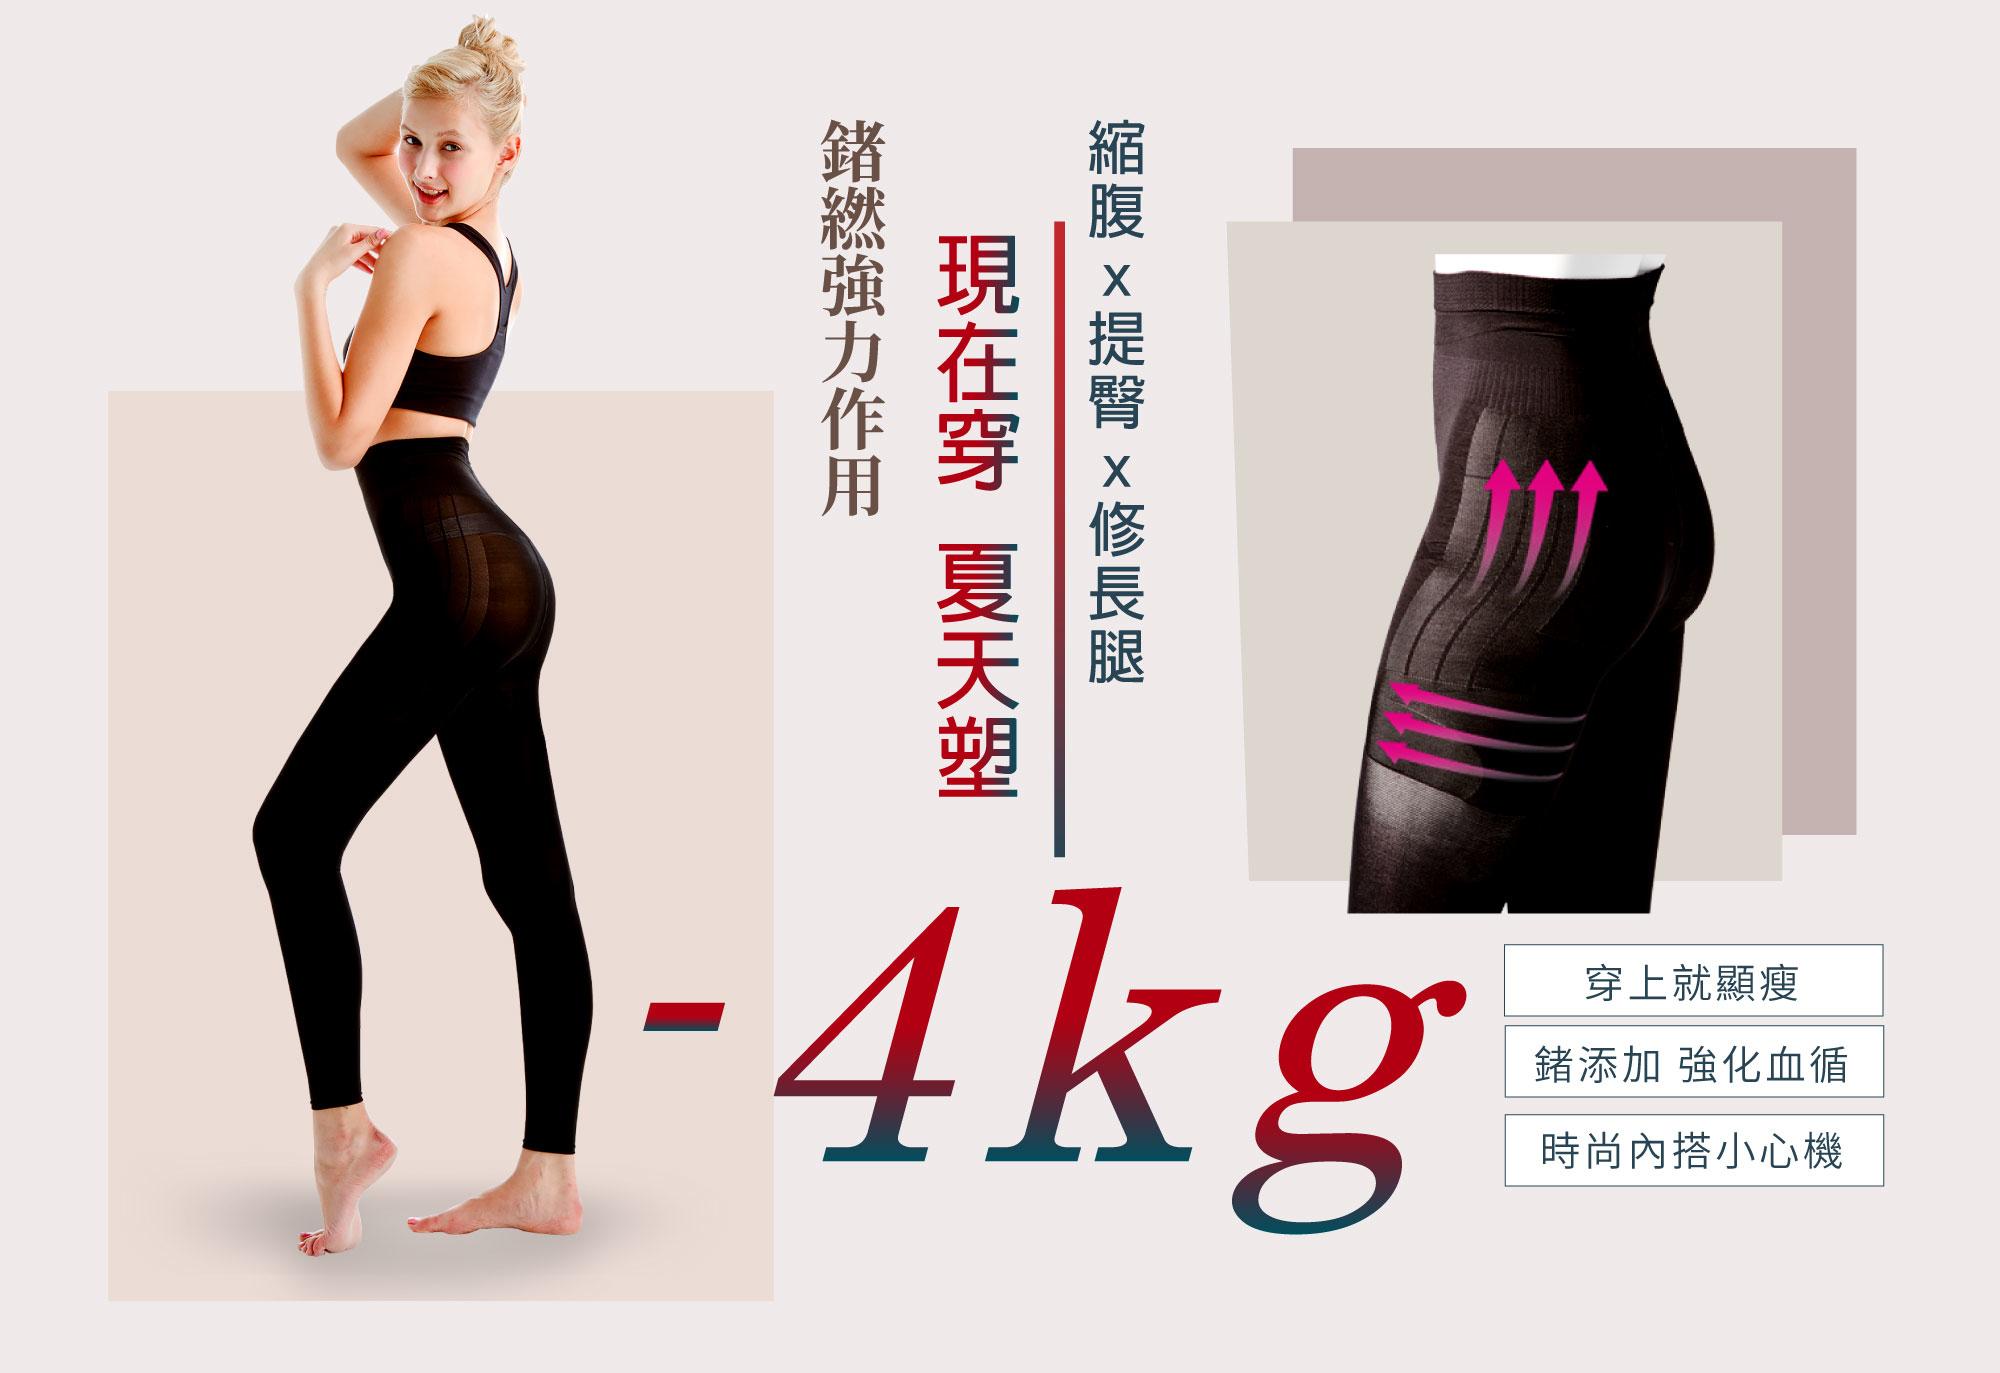 動塑褲,鍺燃,顯瘦,-4KG,現在穿,夏天塑,縮腹,提臀,長腿,婭薇恩,aLOVIN